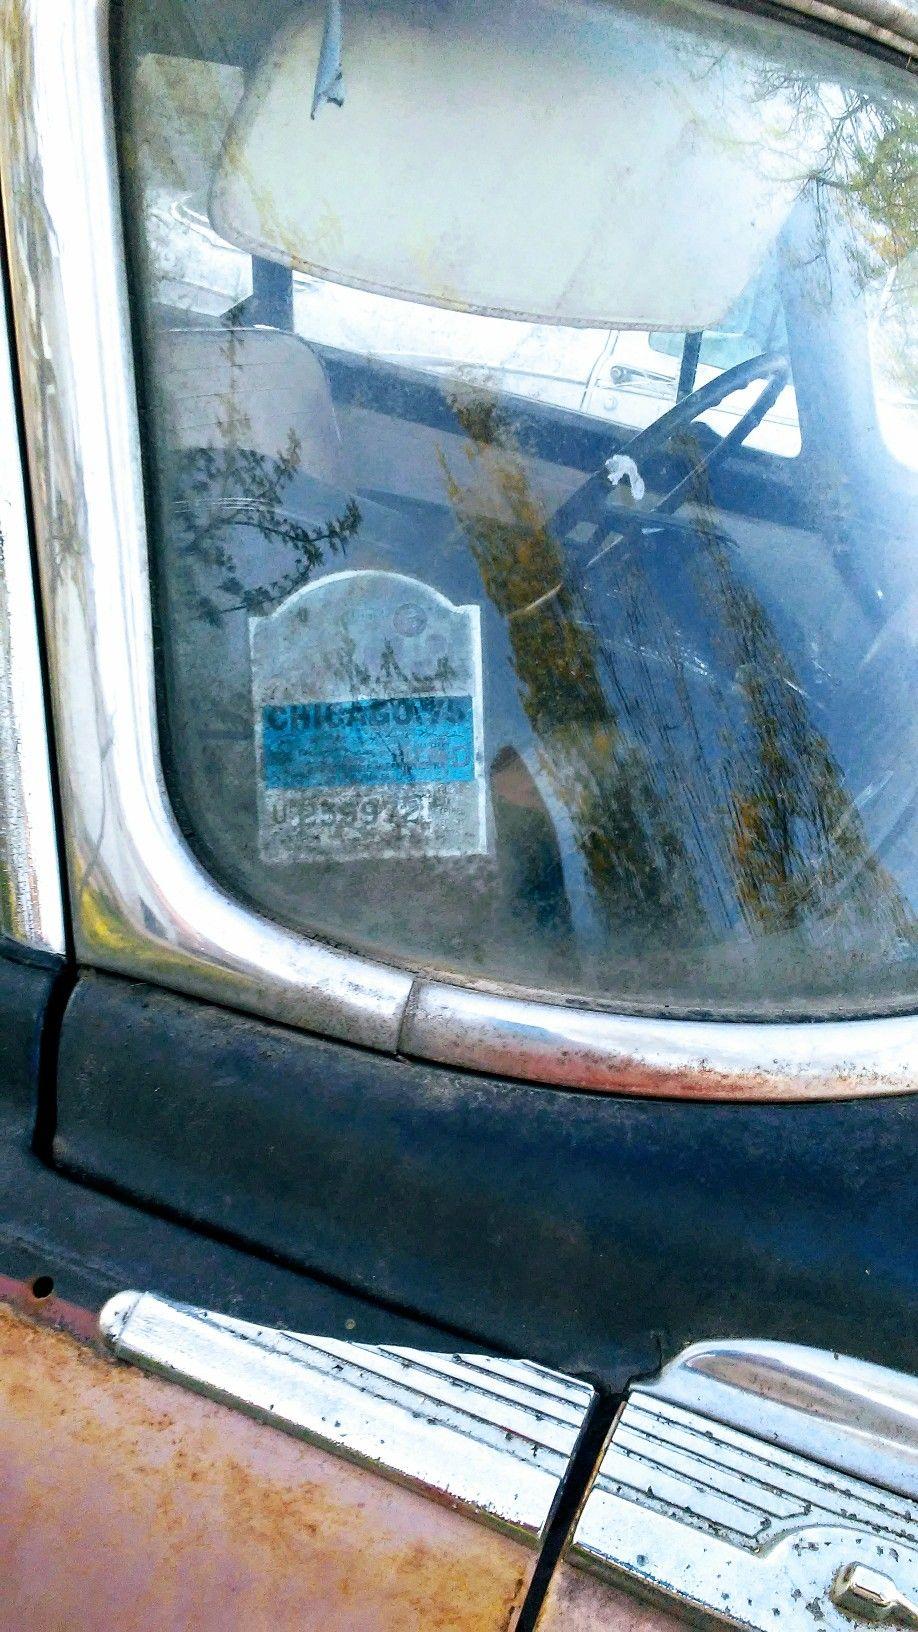 1975 City Of Chicago Vehicle Sticker Garaged Time Warp Garage Time Airplane View Time Warp [ 1632 x 918 Pixel ]